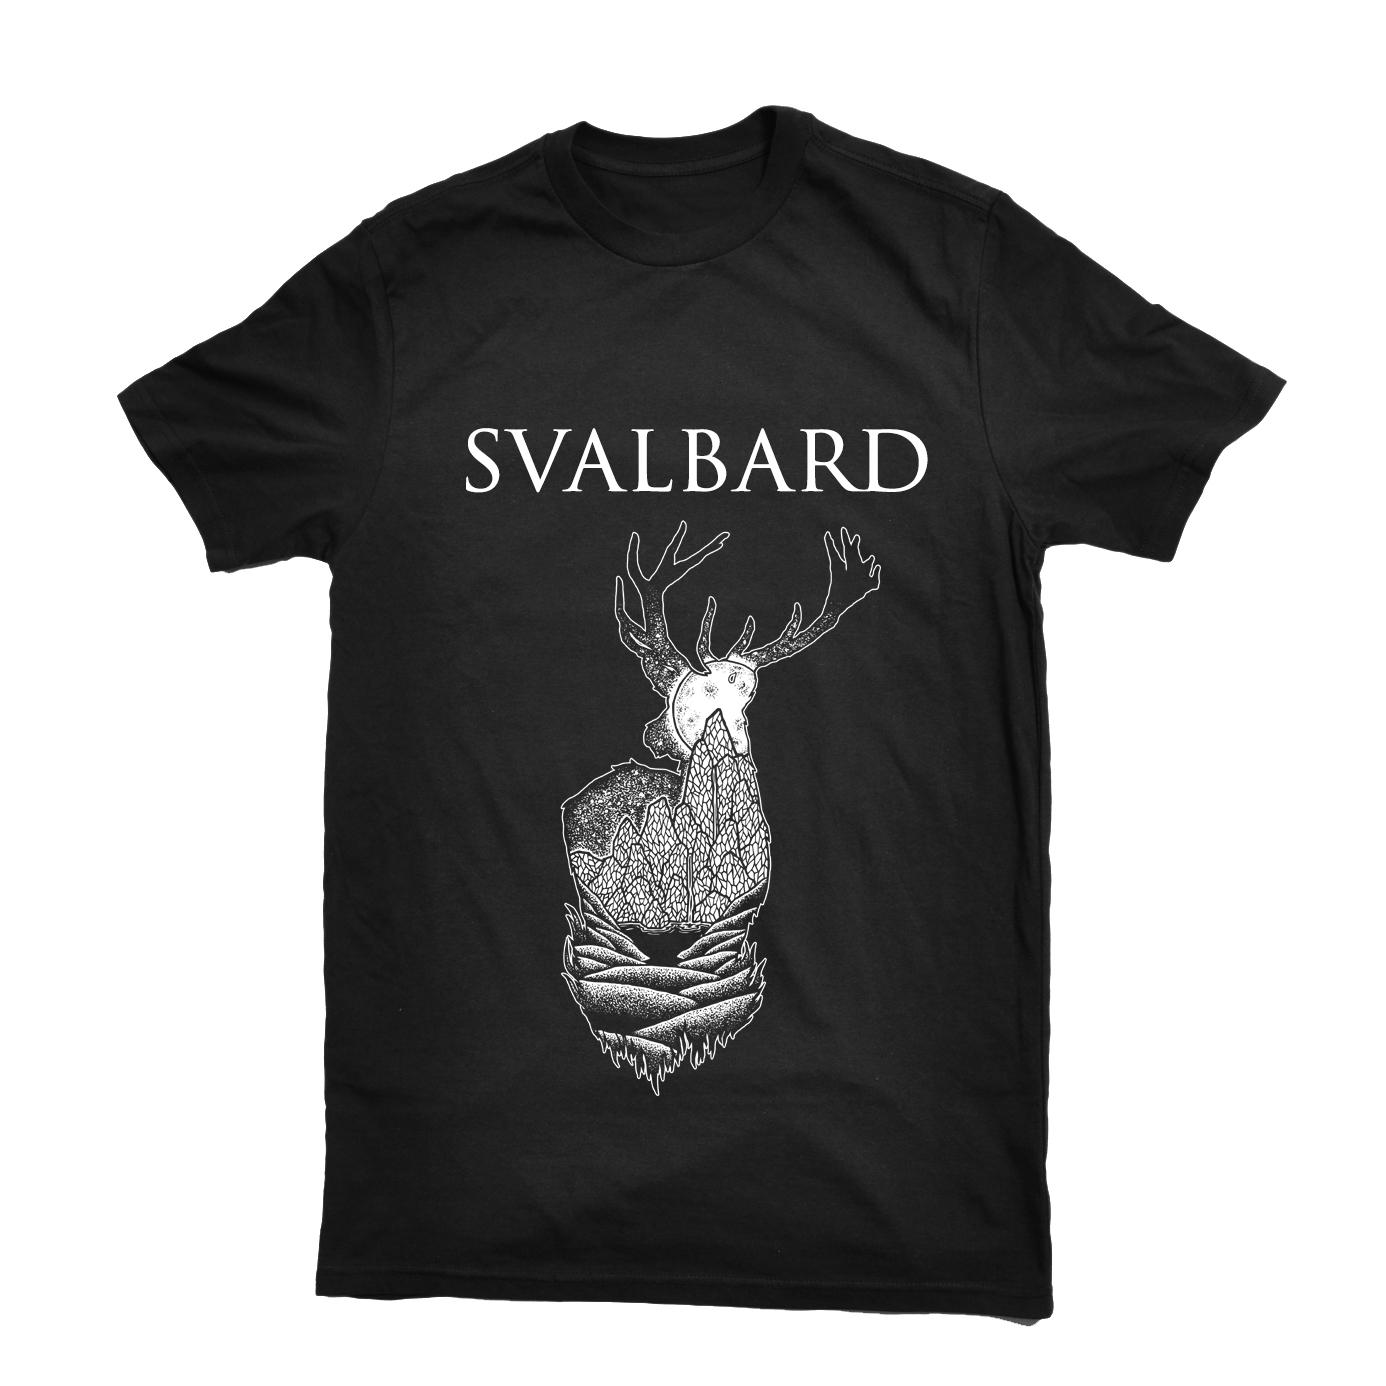 Svalbard deer shirt PRE-ORDER